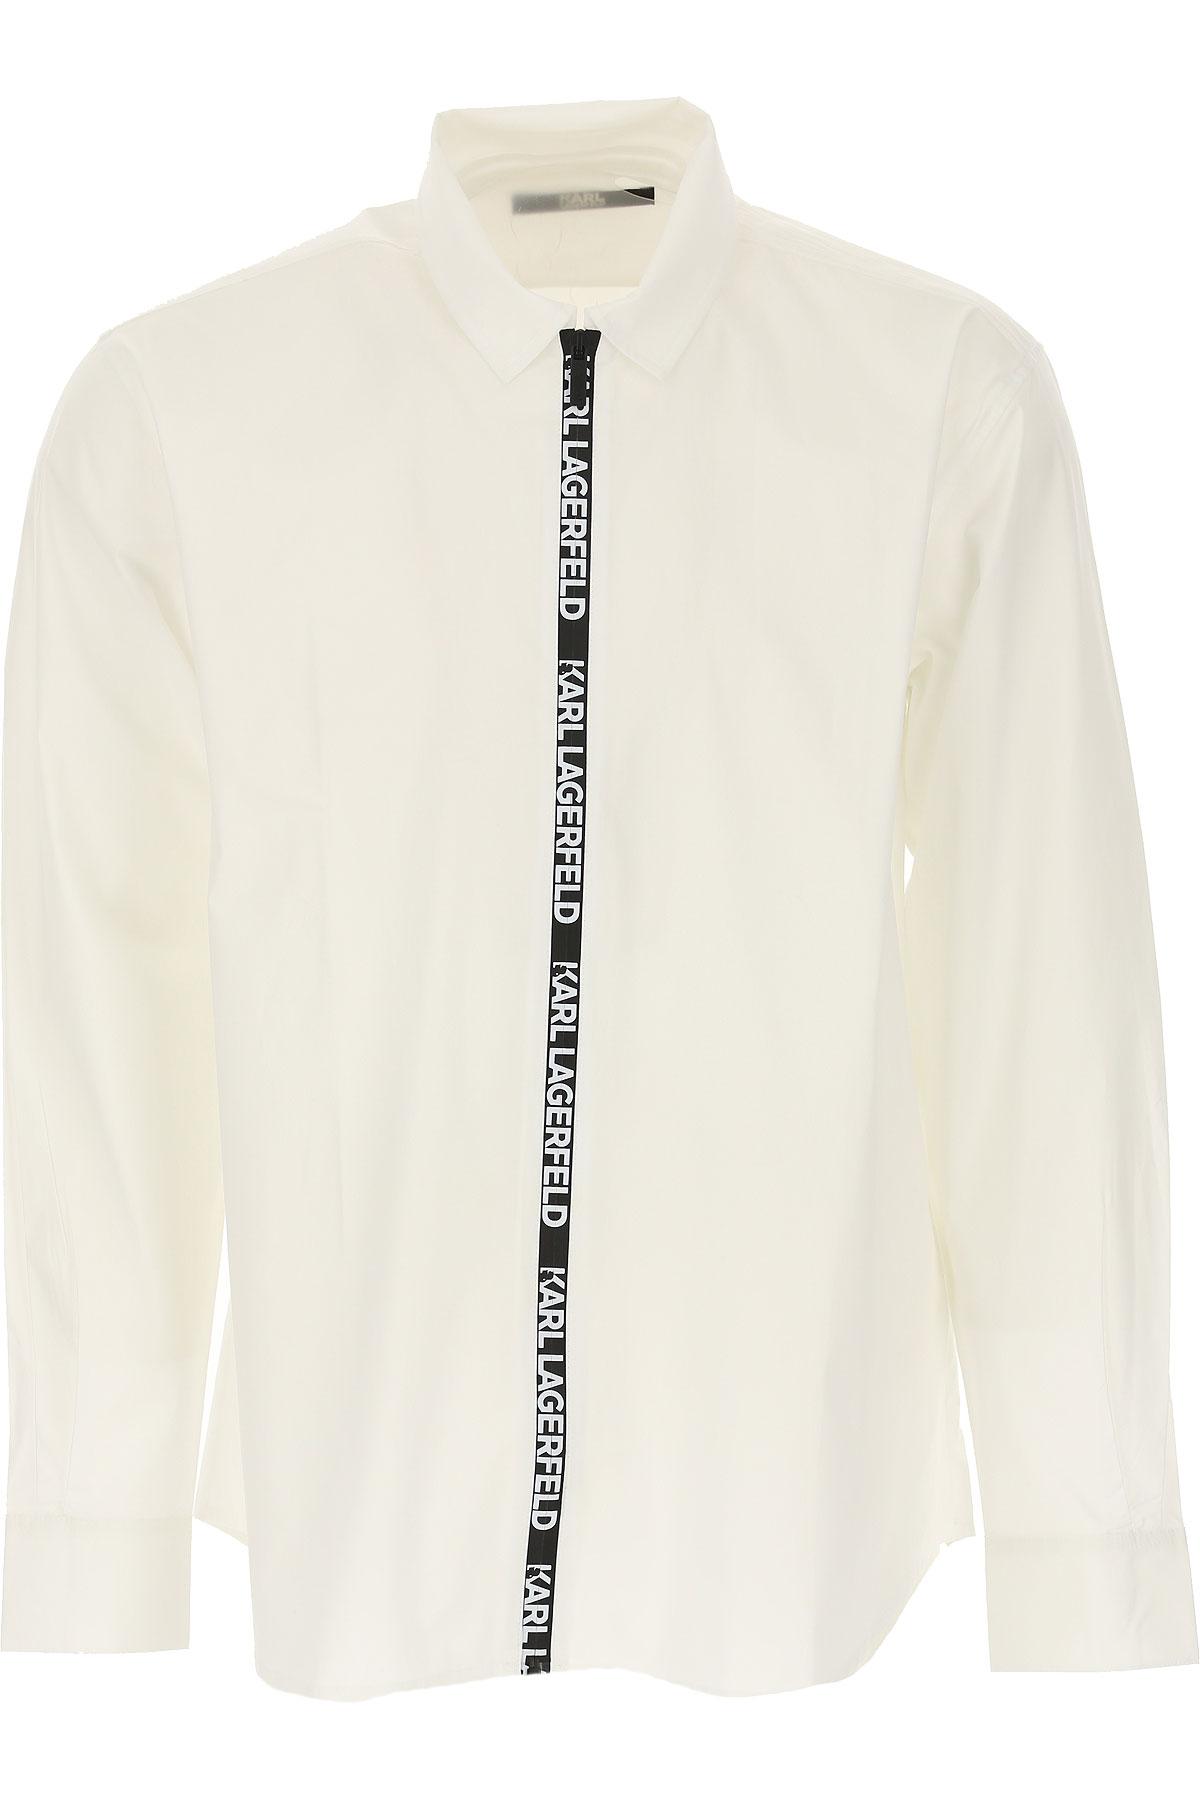 Karl Lagerfeld Chemise Homme Pas cher en Soldes, Blanc, Coton, 2019, L M